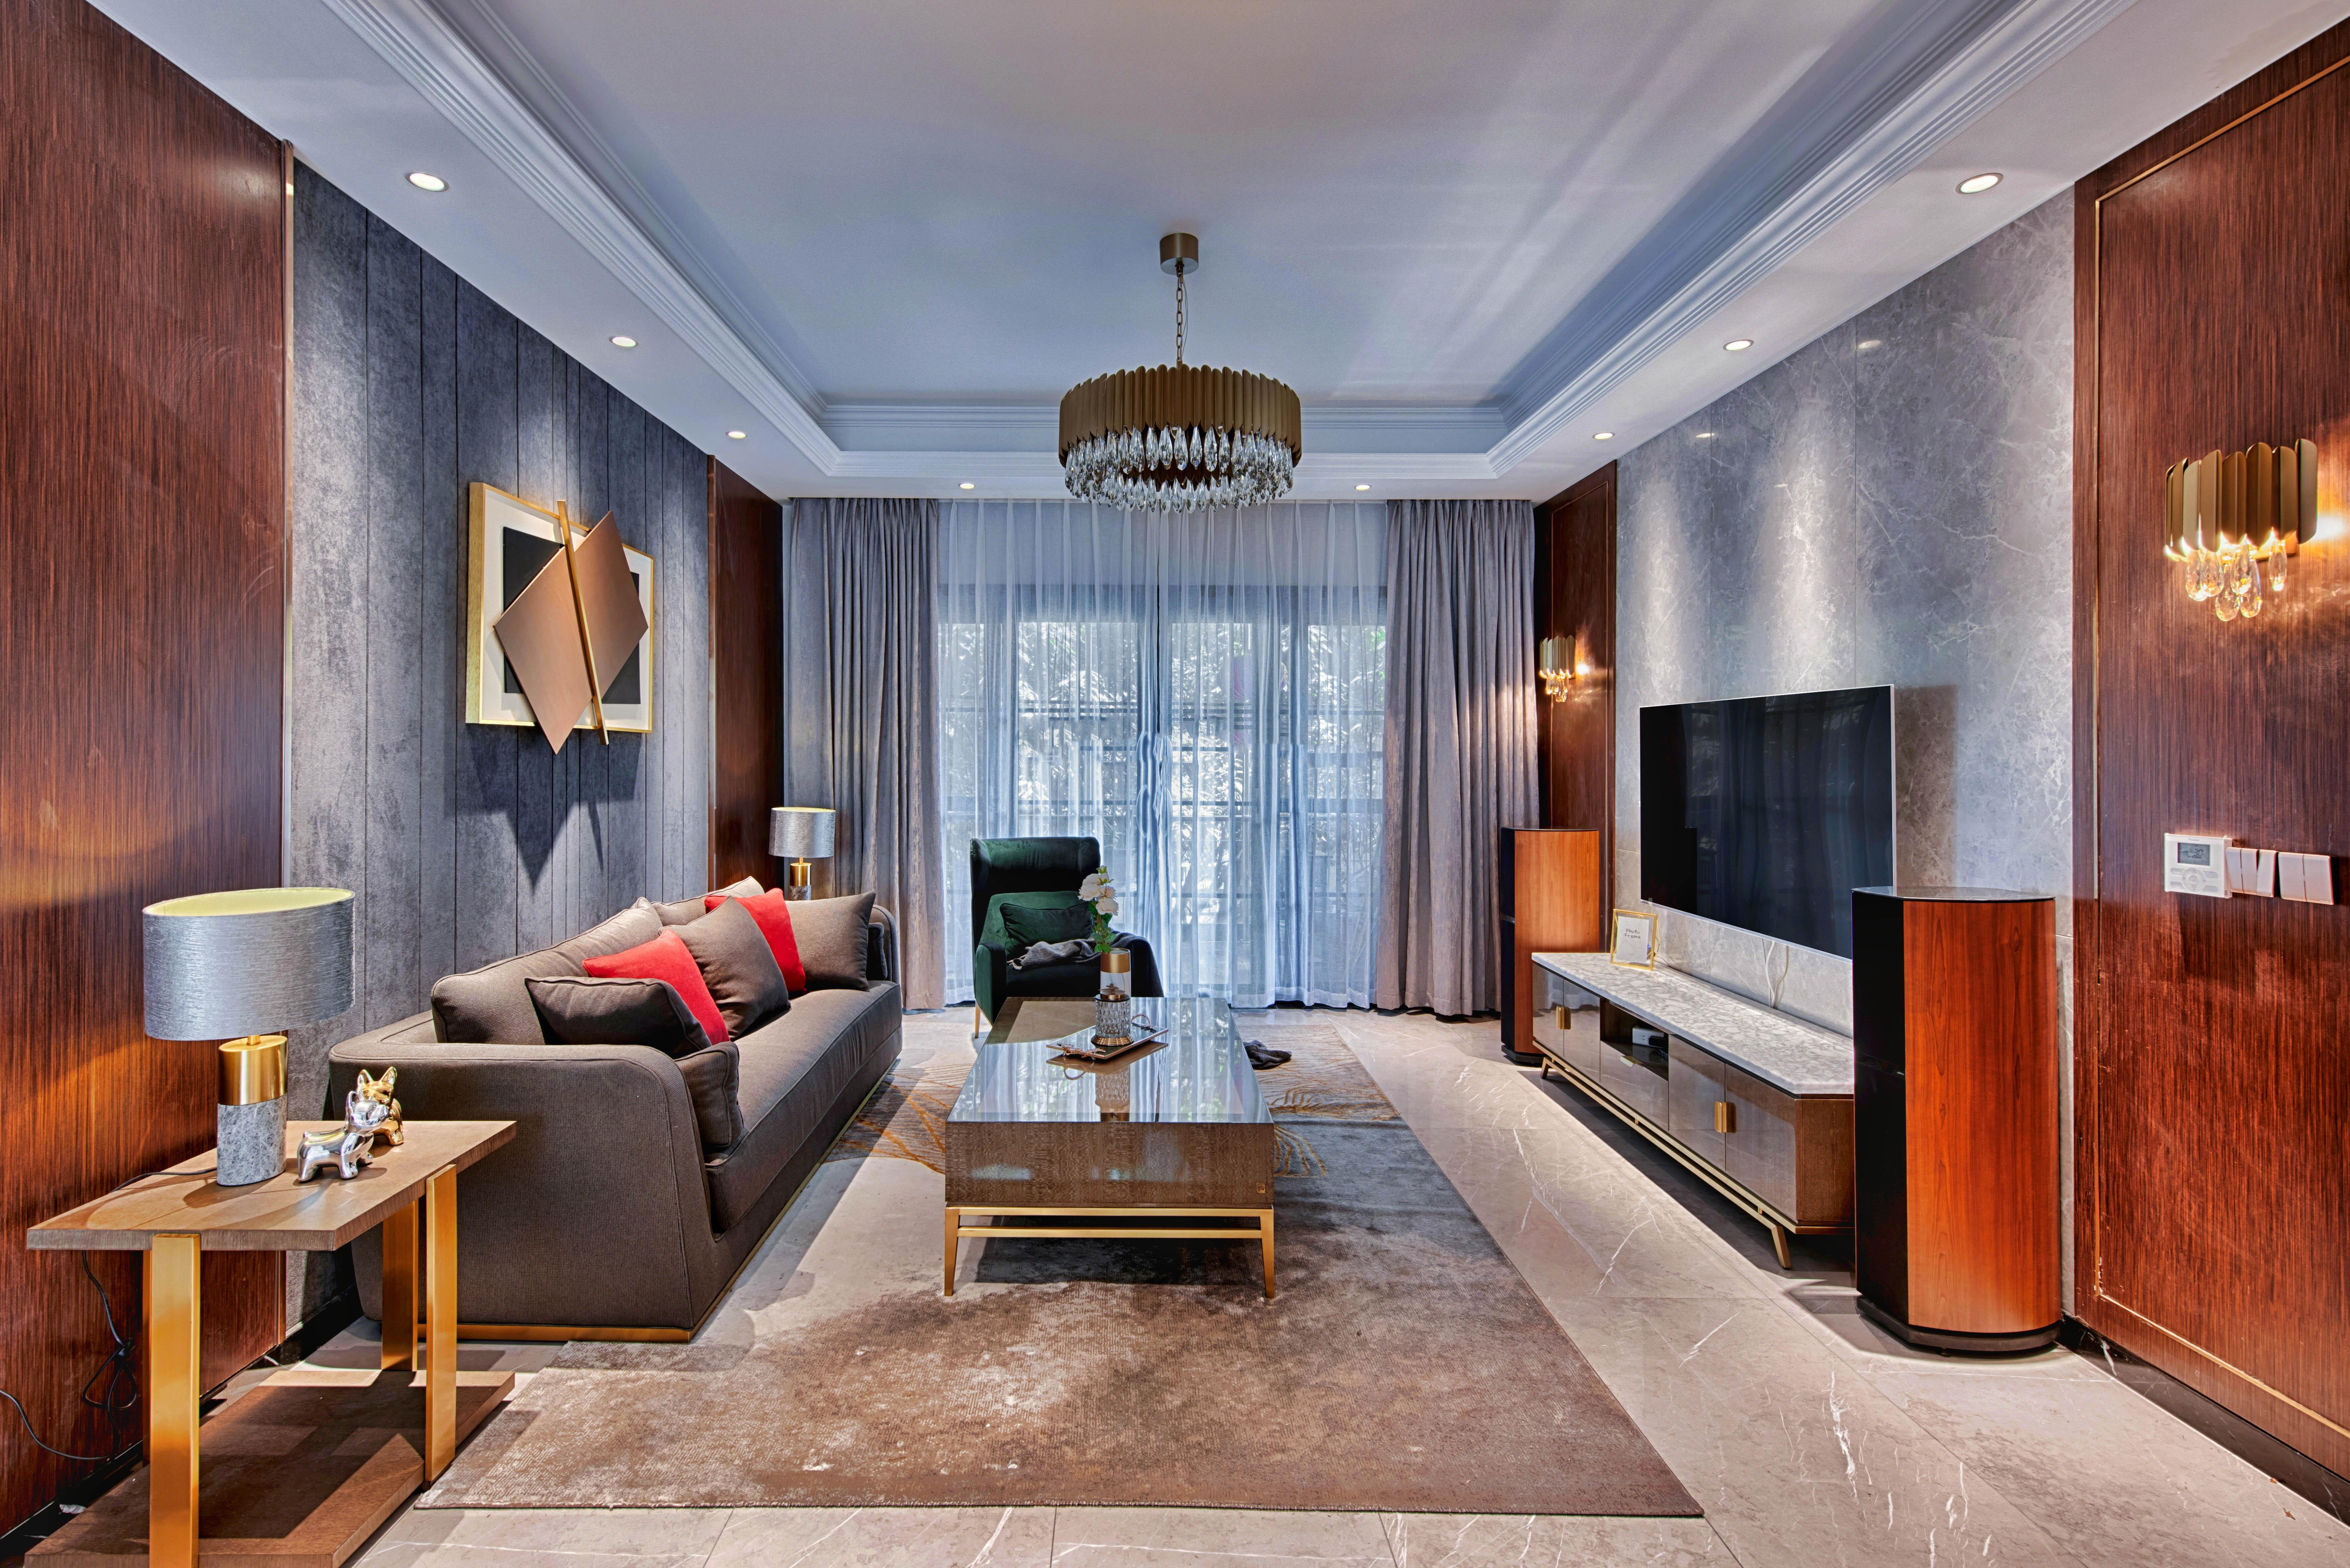 白领 小资 客厅 客厅图片来自重庆东易日盛装饰在竞地朔源居轻奢风设计的分享